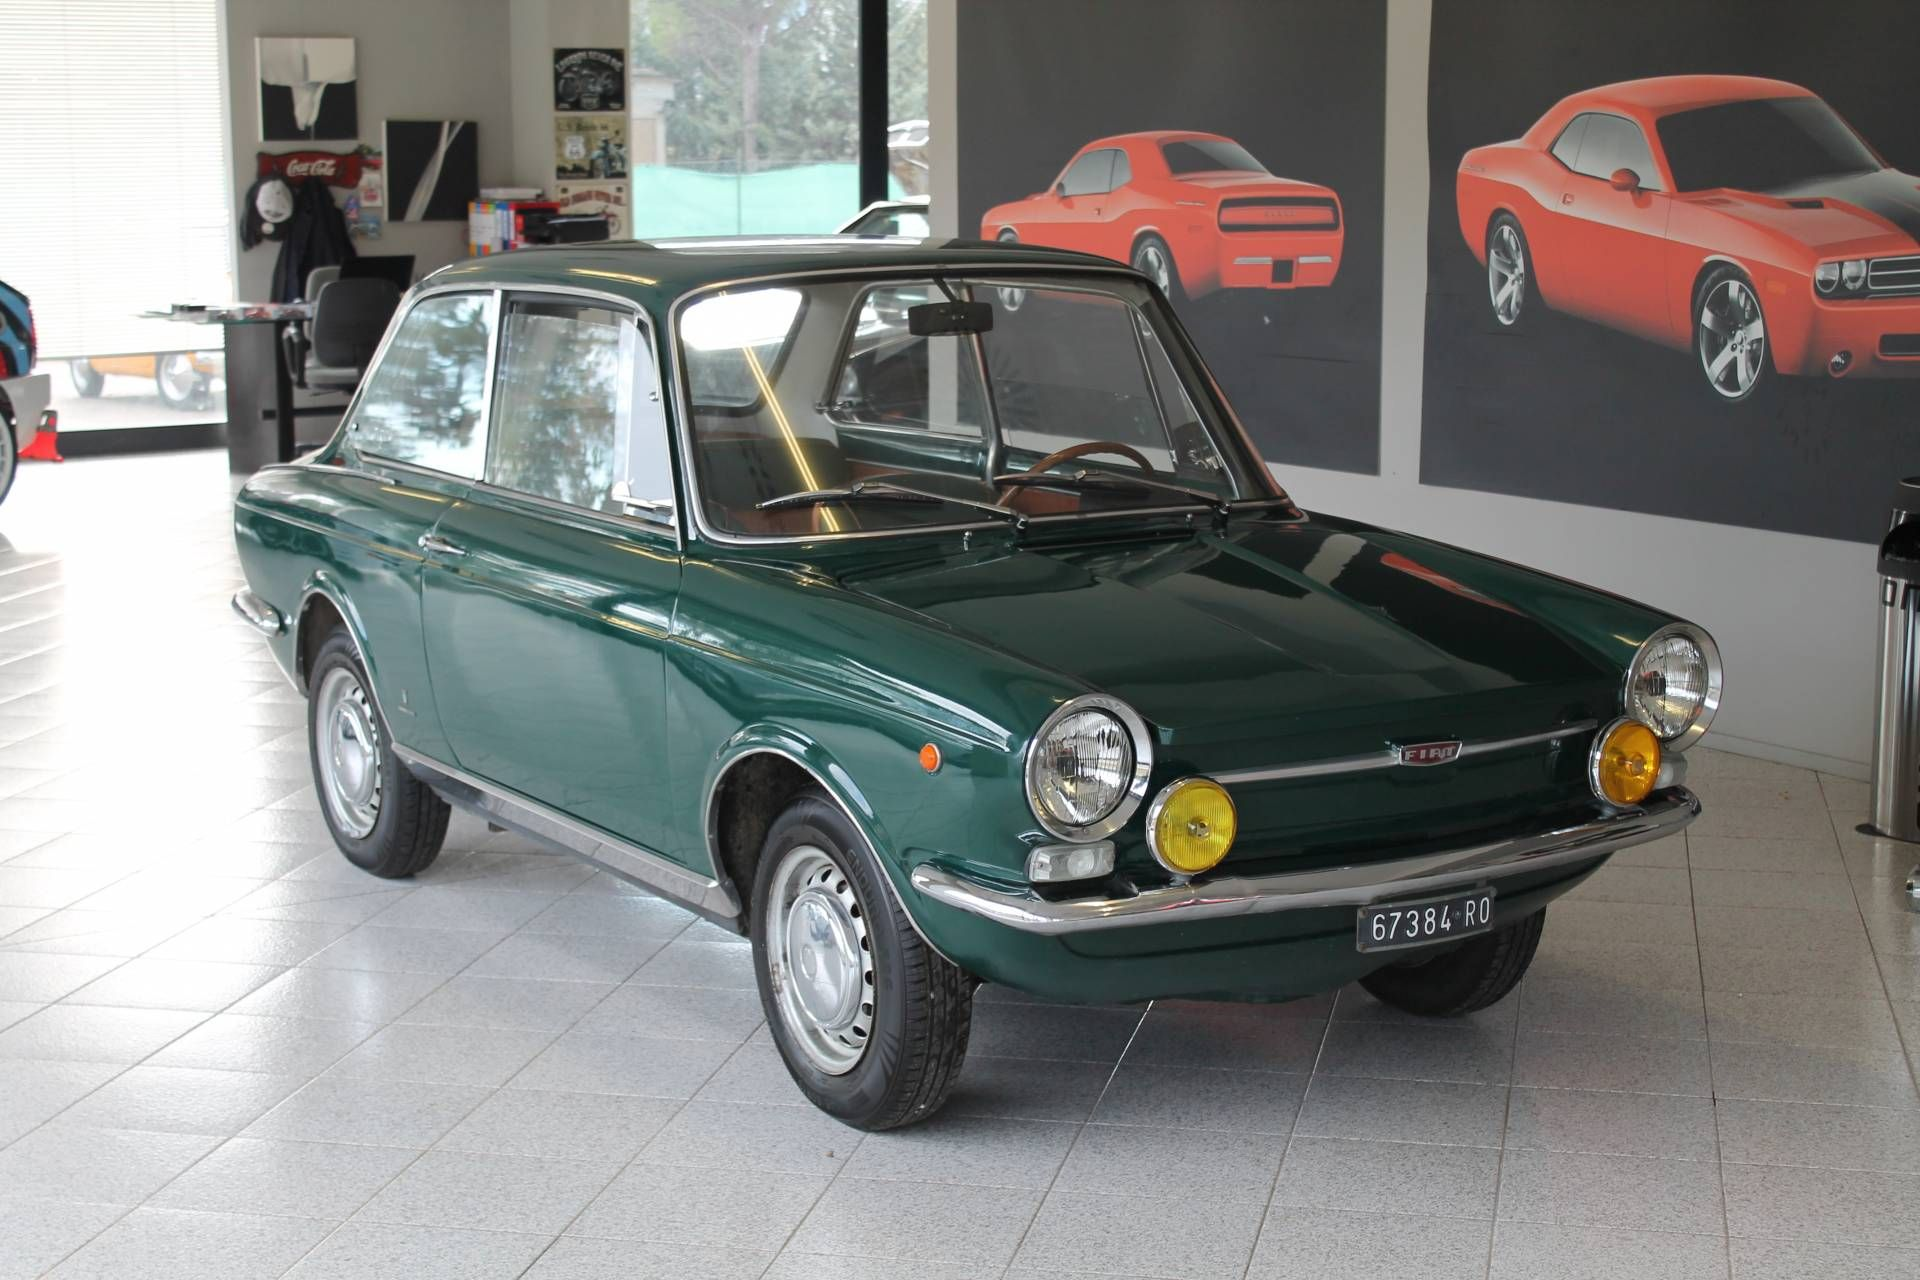 Fiat 850 Speciale Carros Carros Classicos